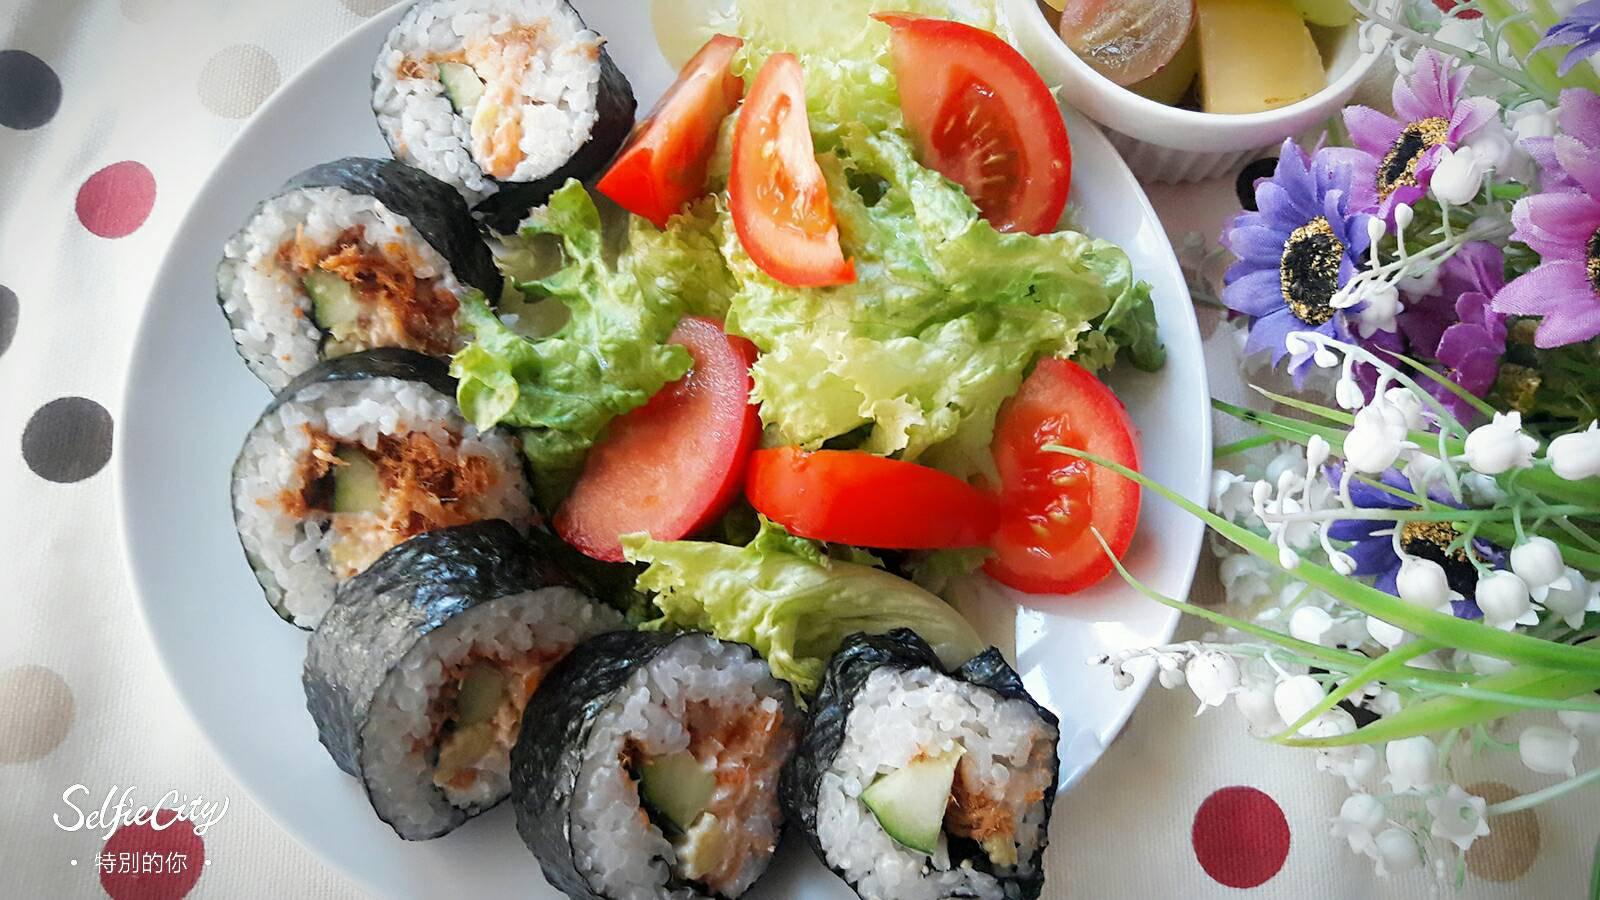 健康早午餐 ~ 芥末鮭魚小黃瓜肉鬆海苔卷